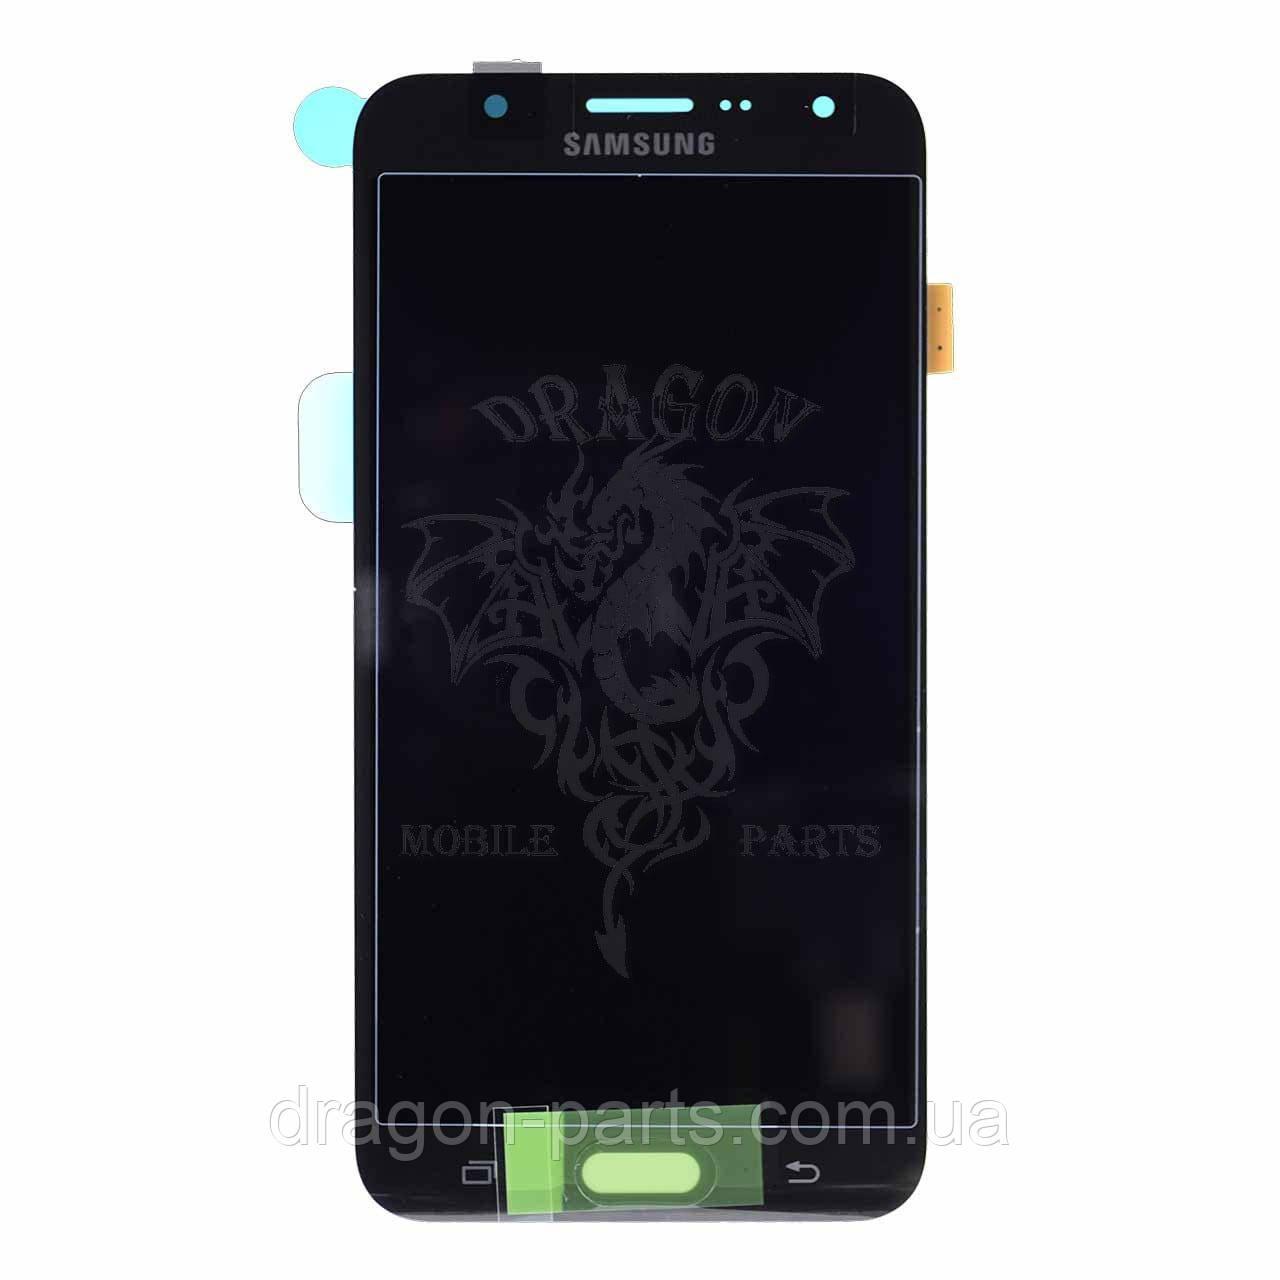 Дисплей Samsung J700 Galaxy J7 с сенсором Черный Black оригинал , GH97-17670C